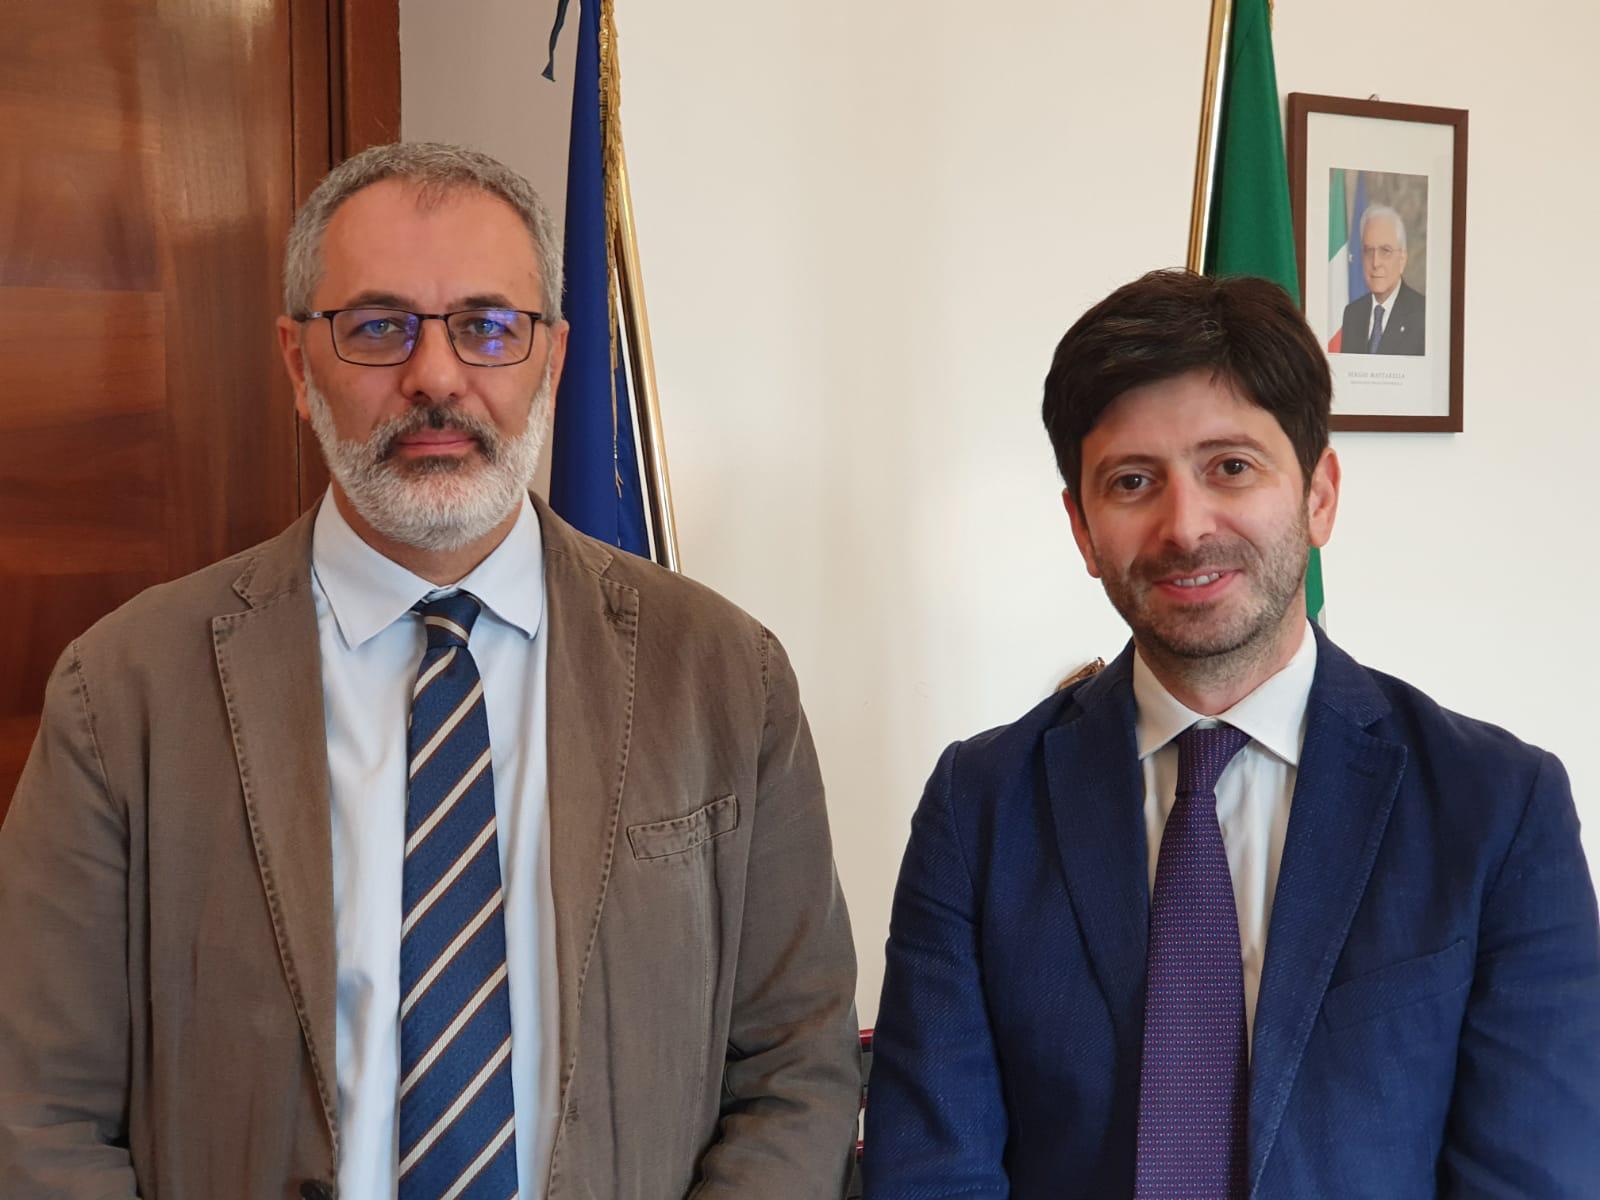 Sanità: svolto incontro tra ministro Speranza e presidente Tsrm Pstrp.